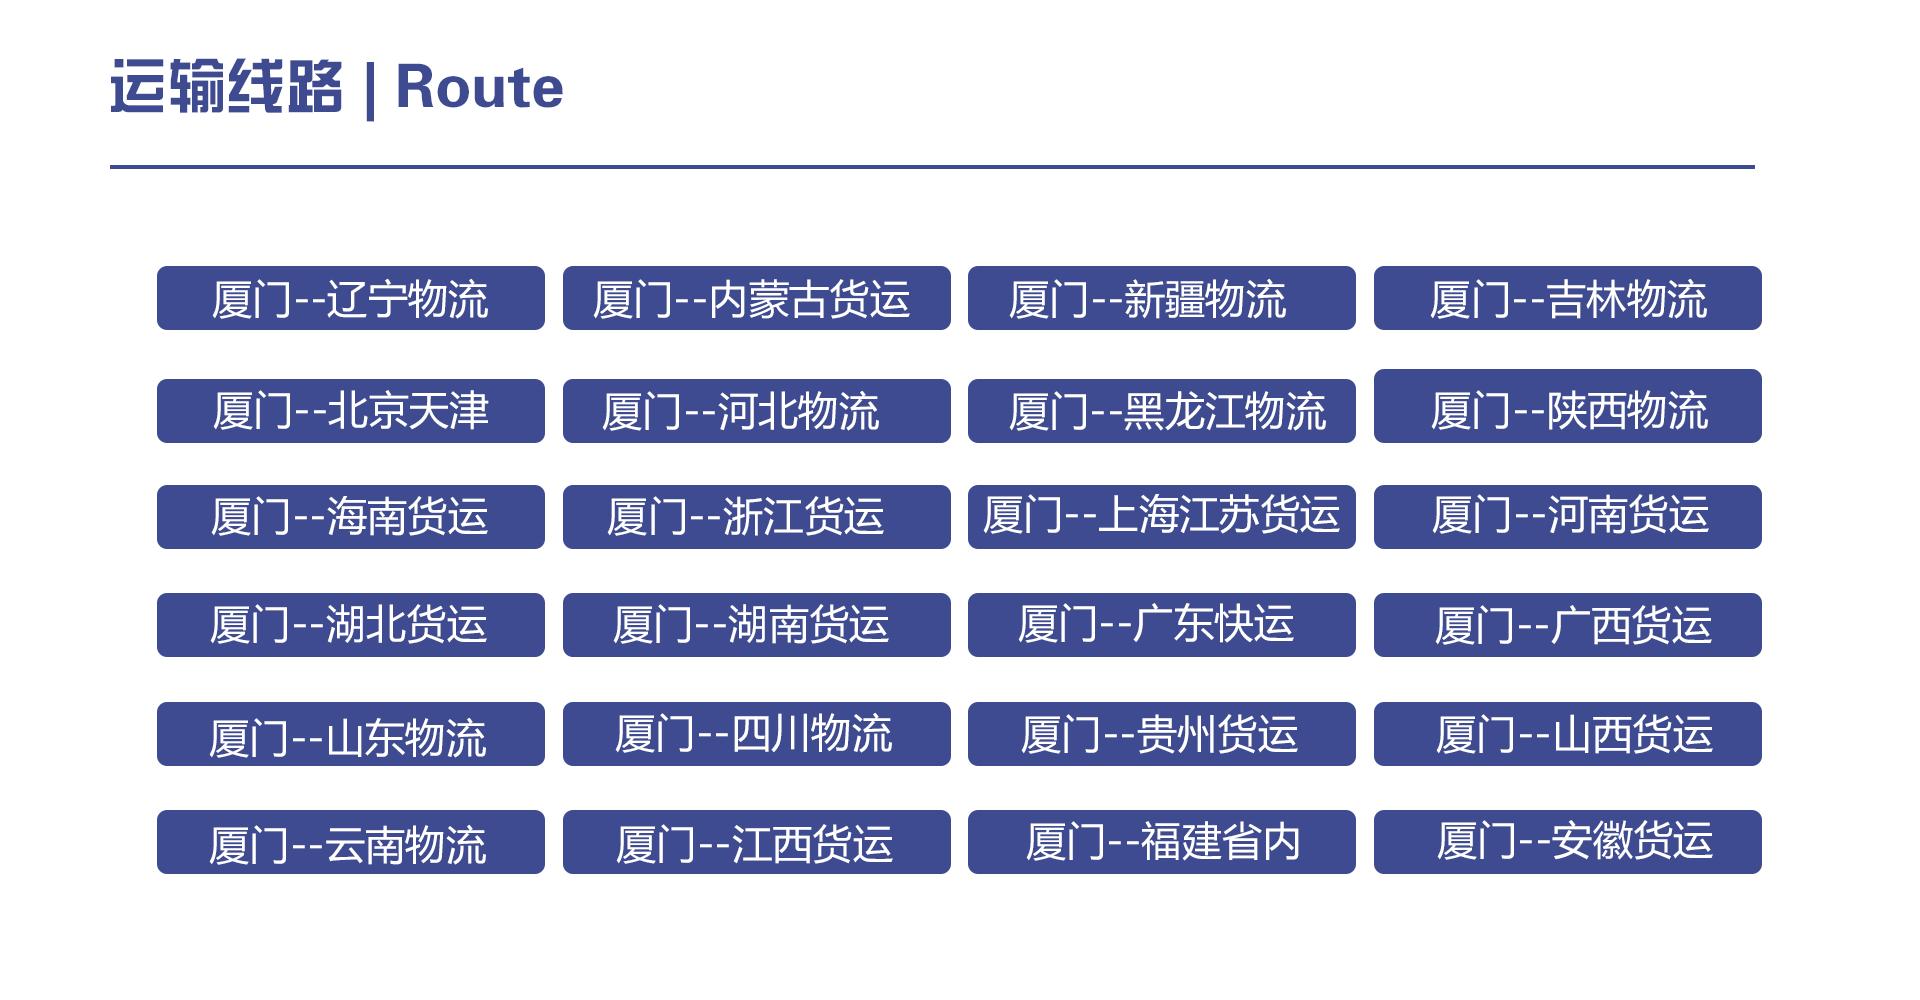 厦门物流,厦门物流运输,厦门公路运输,厦门物流公司,厦门零担运输,厦门物流线路